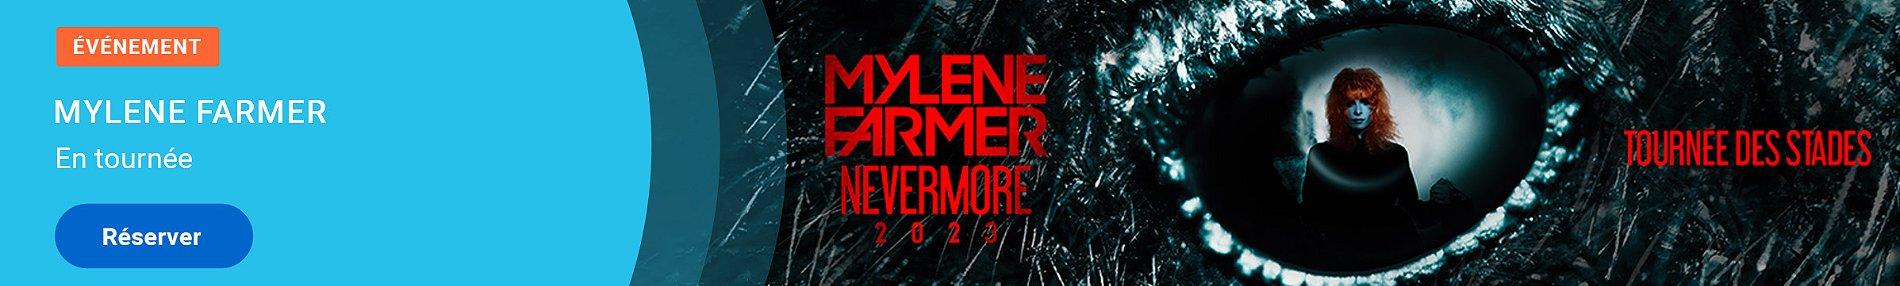 Offre billetterie Mylène Farmer